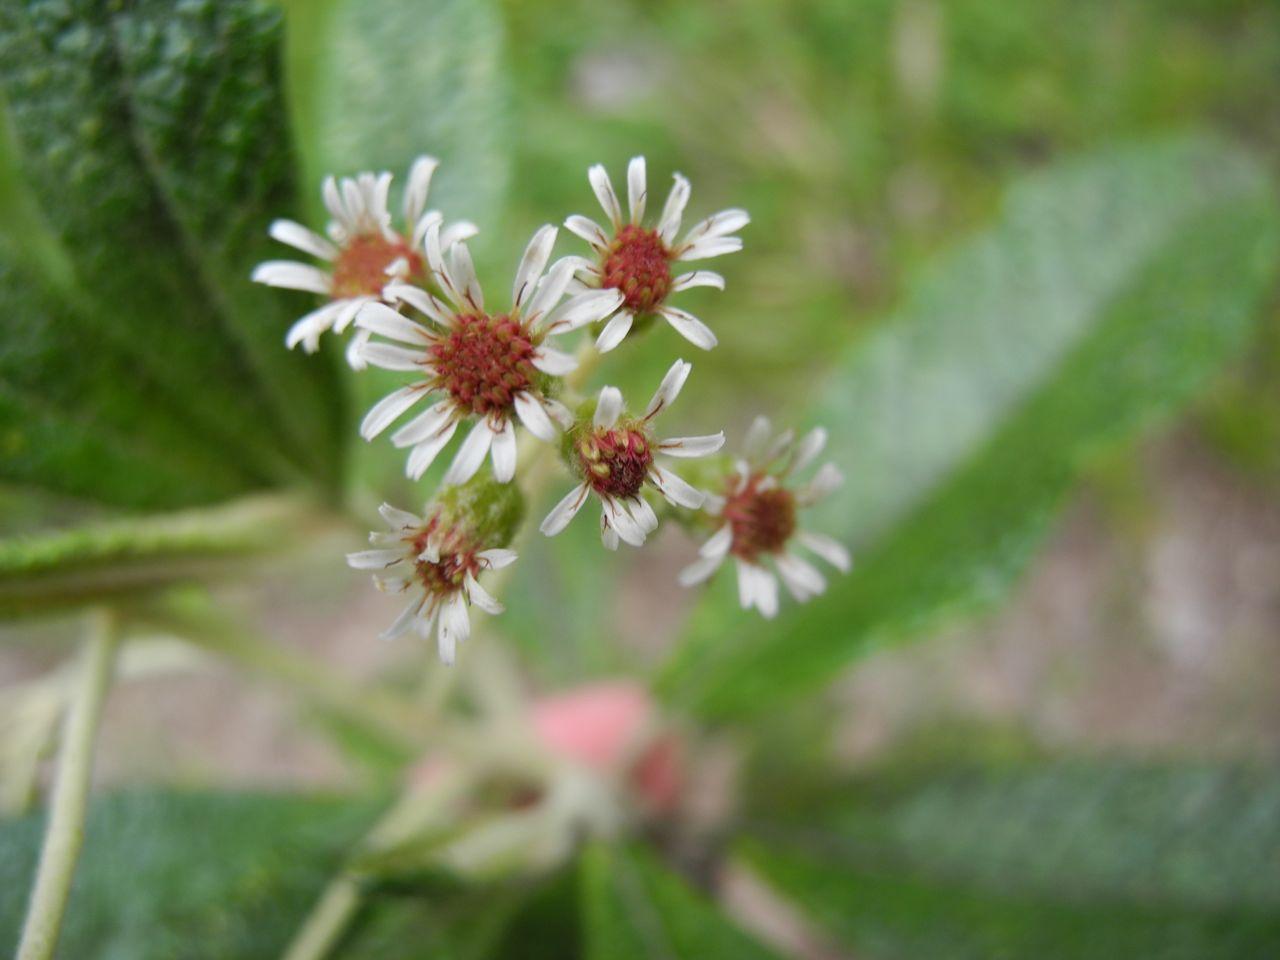 Diplostephium tenuifolium